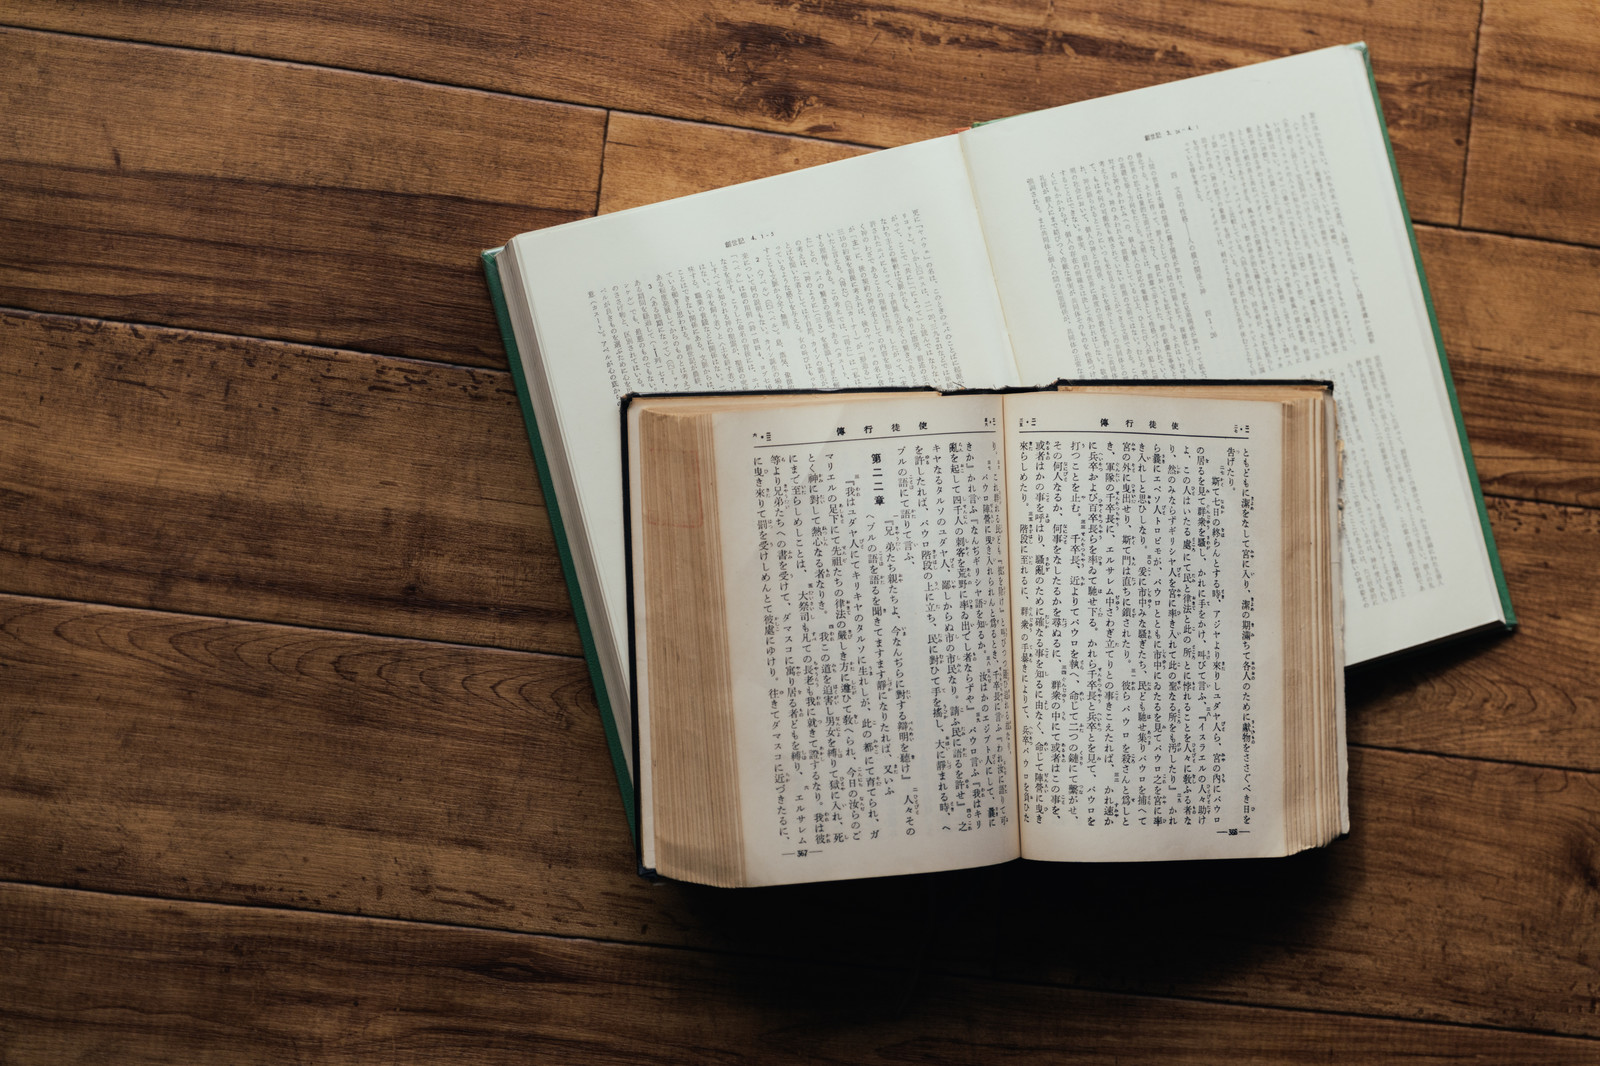 「無造作に置かれた聖書」の写真